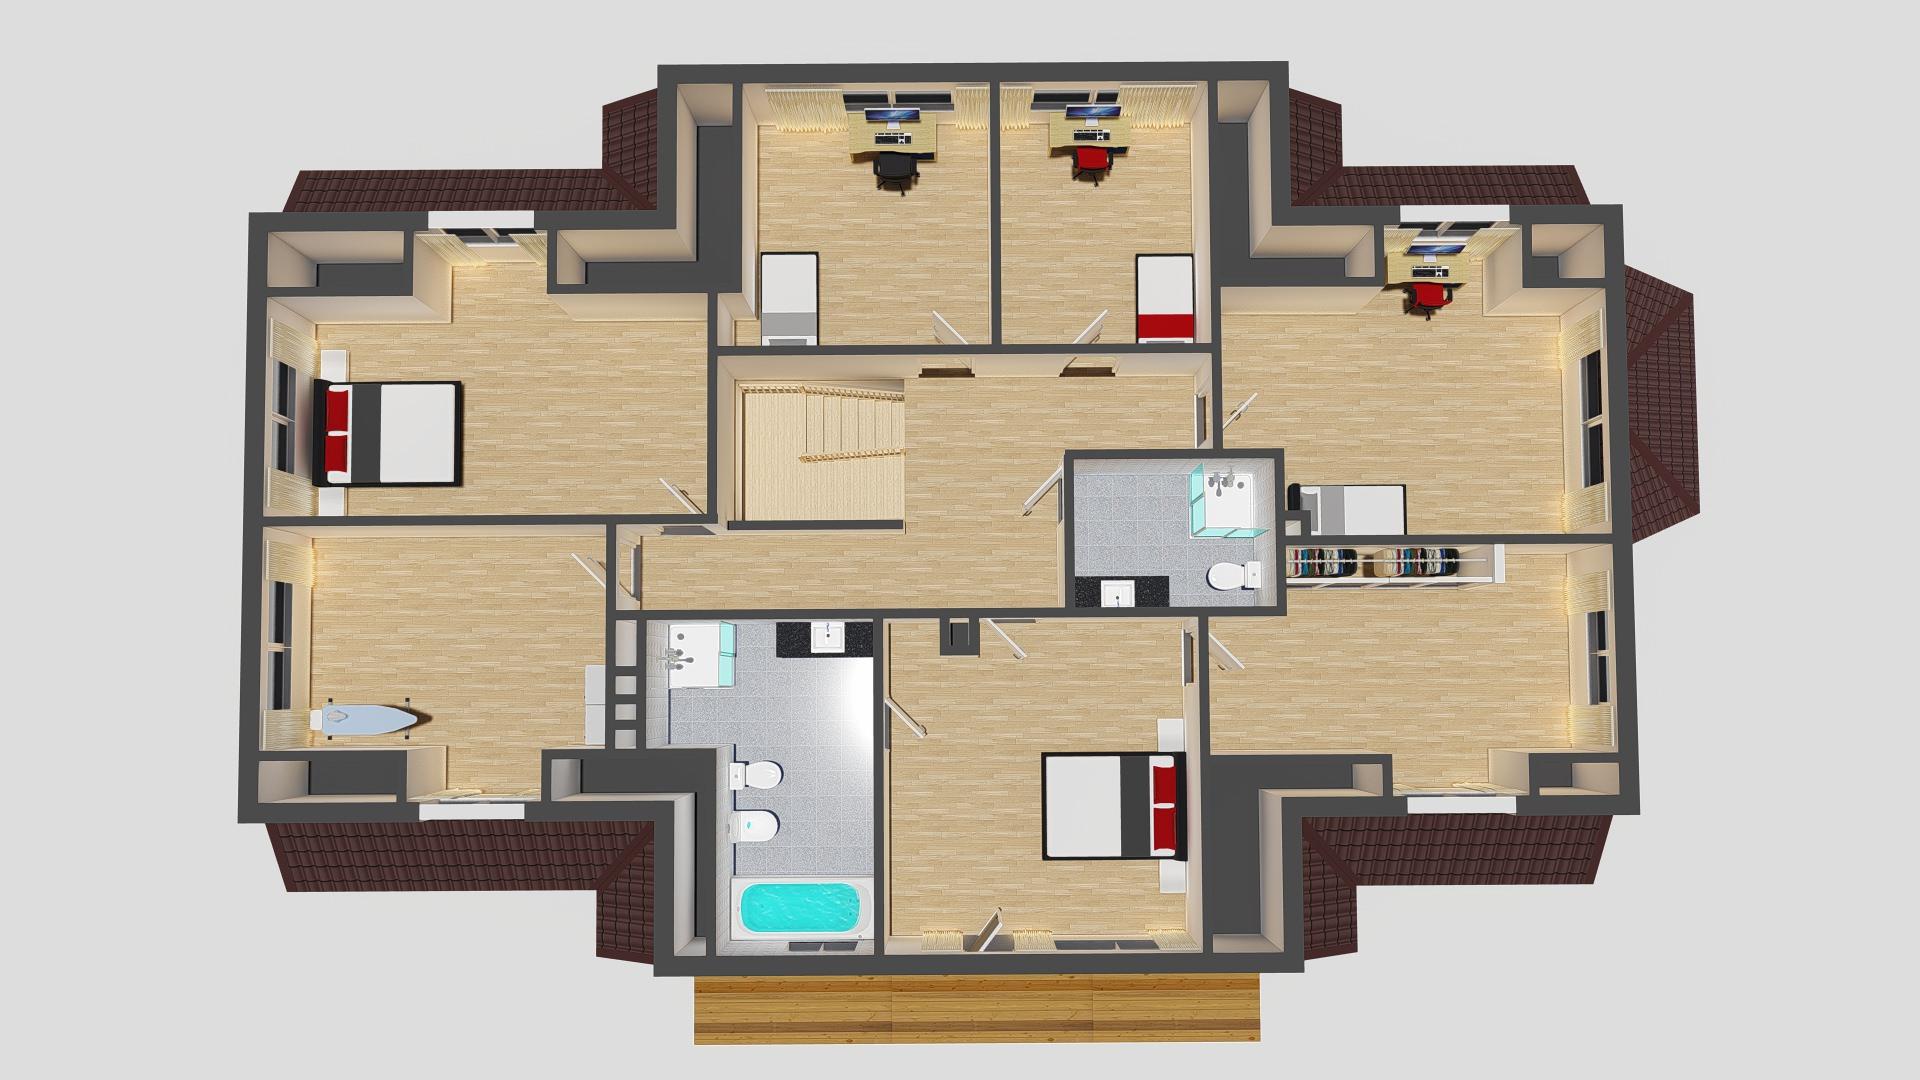 2 korrus pööratuna